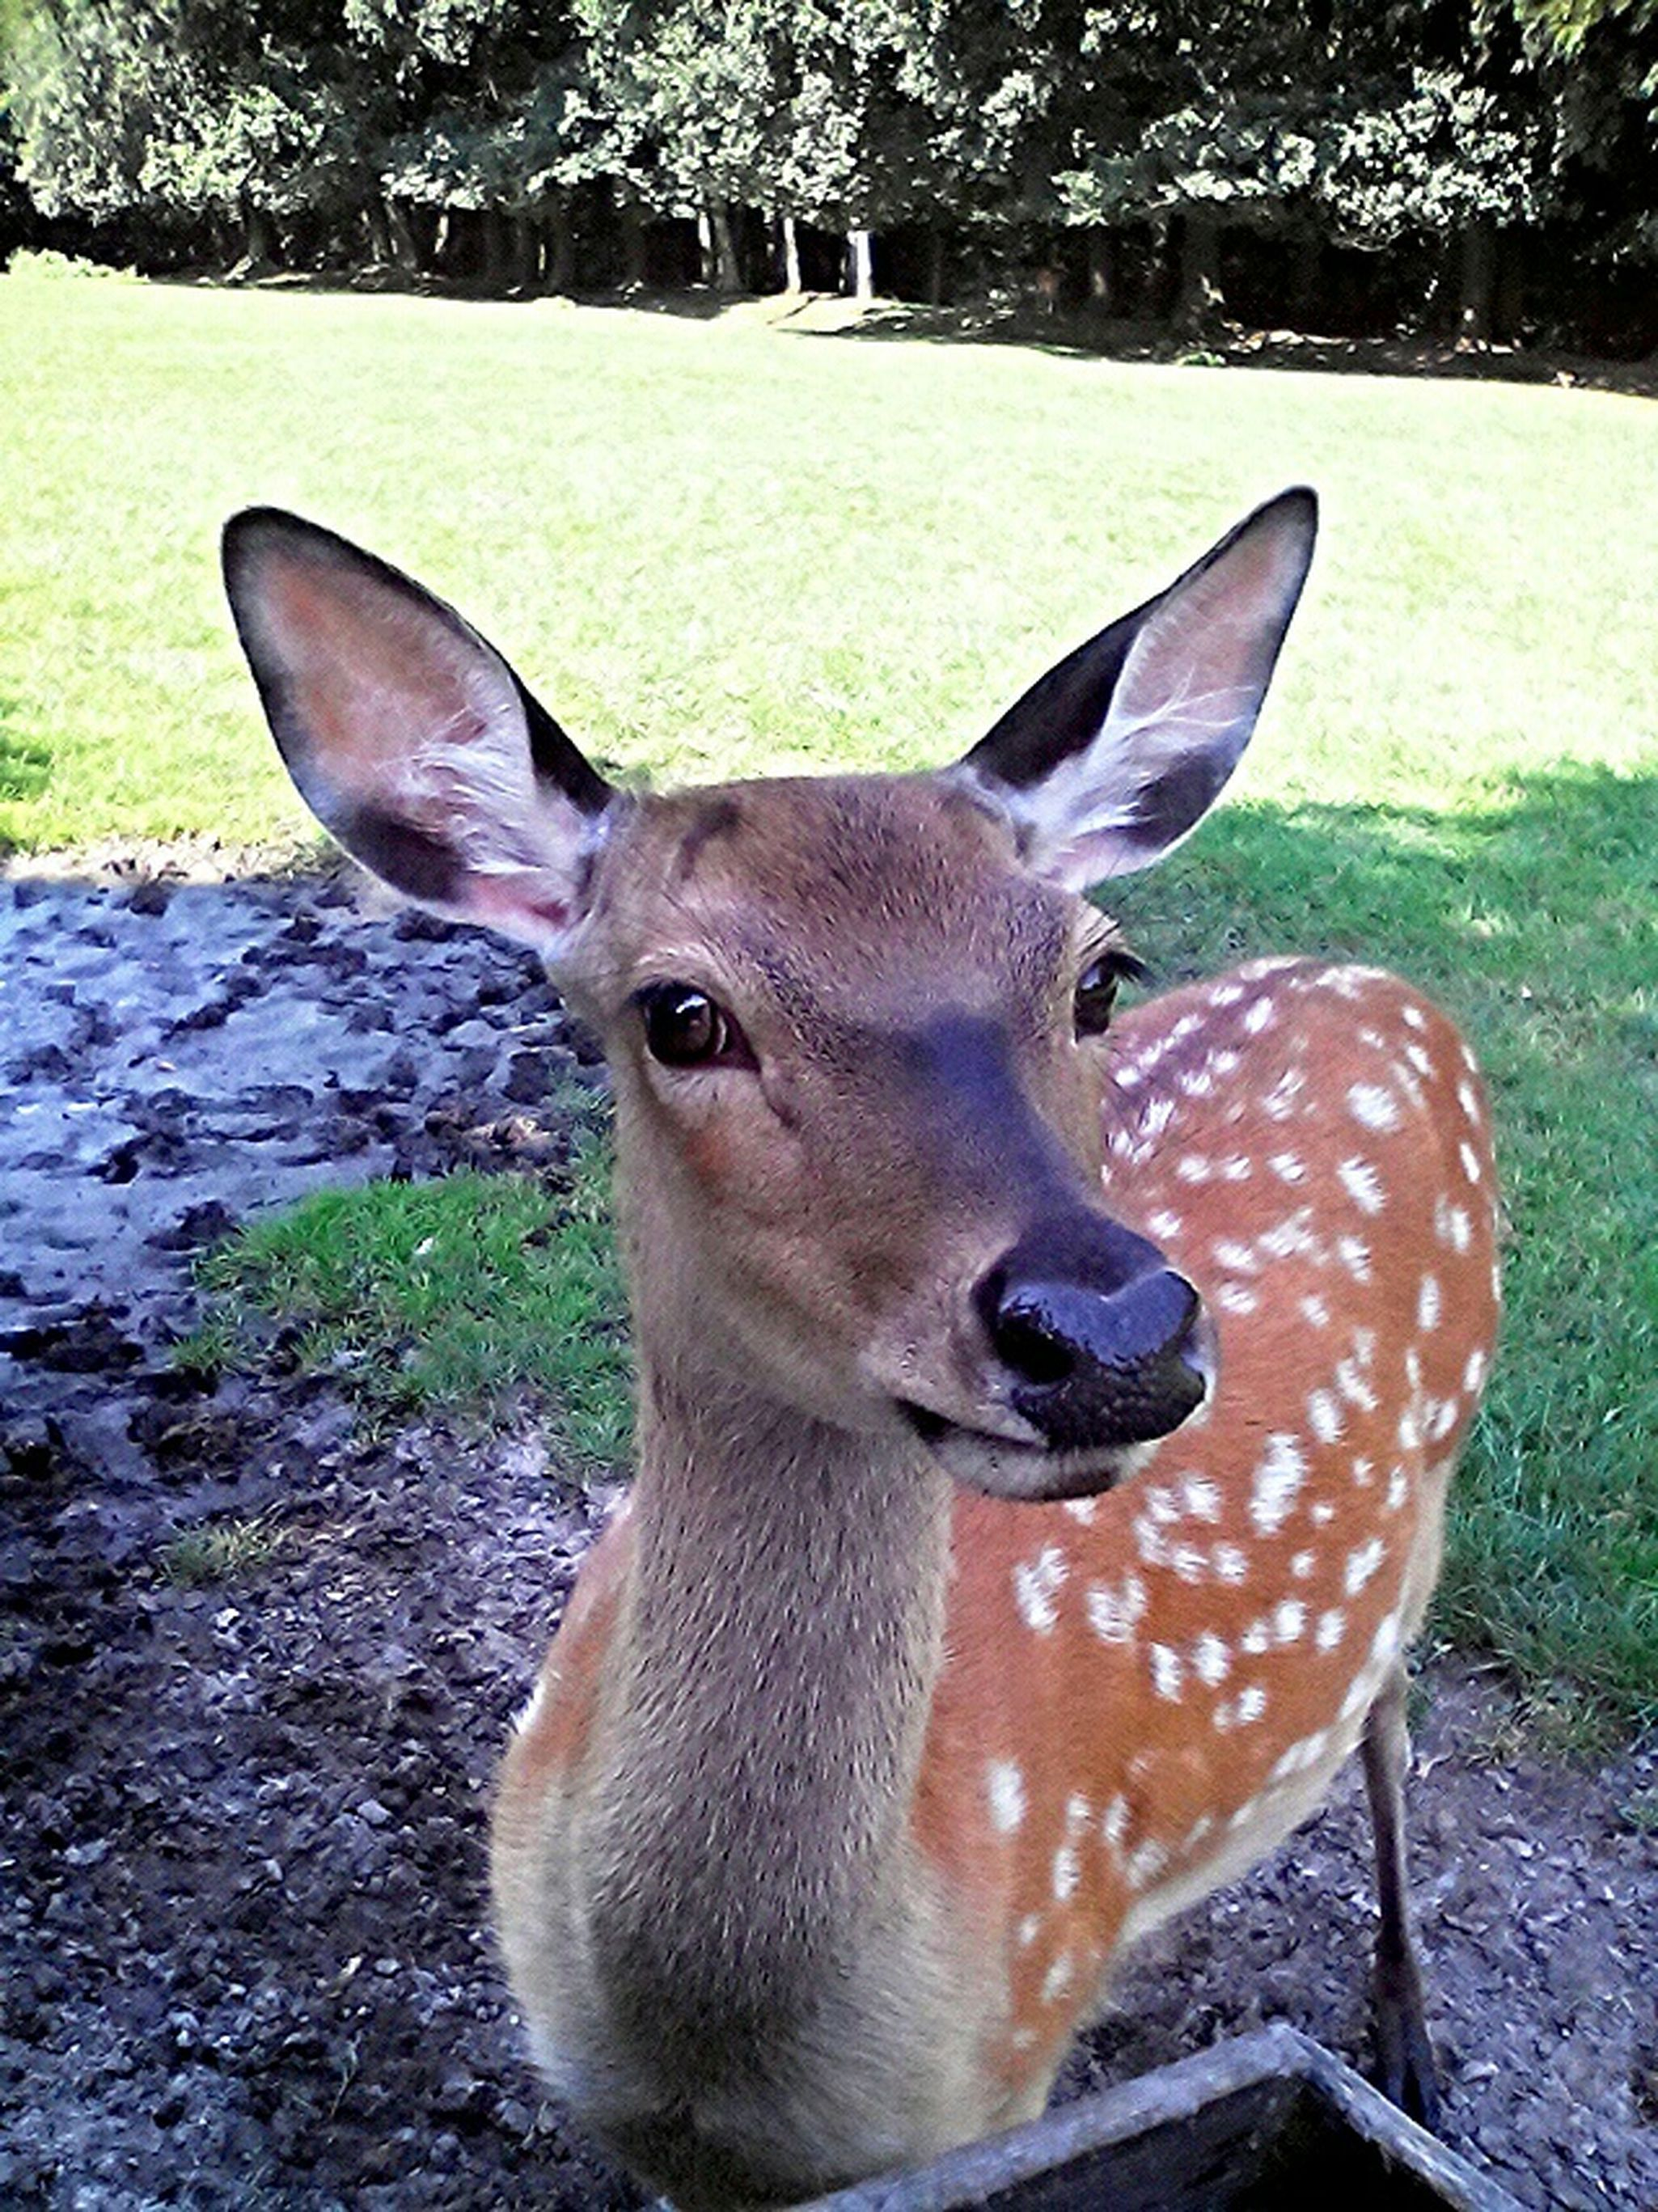 Rehe Reh Deer Deers Nature Wildpark Germany